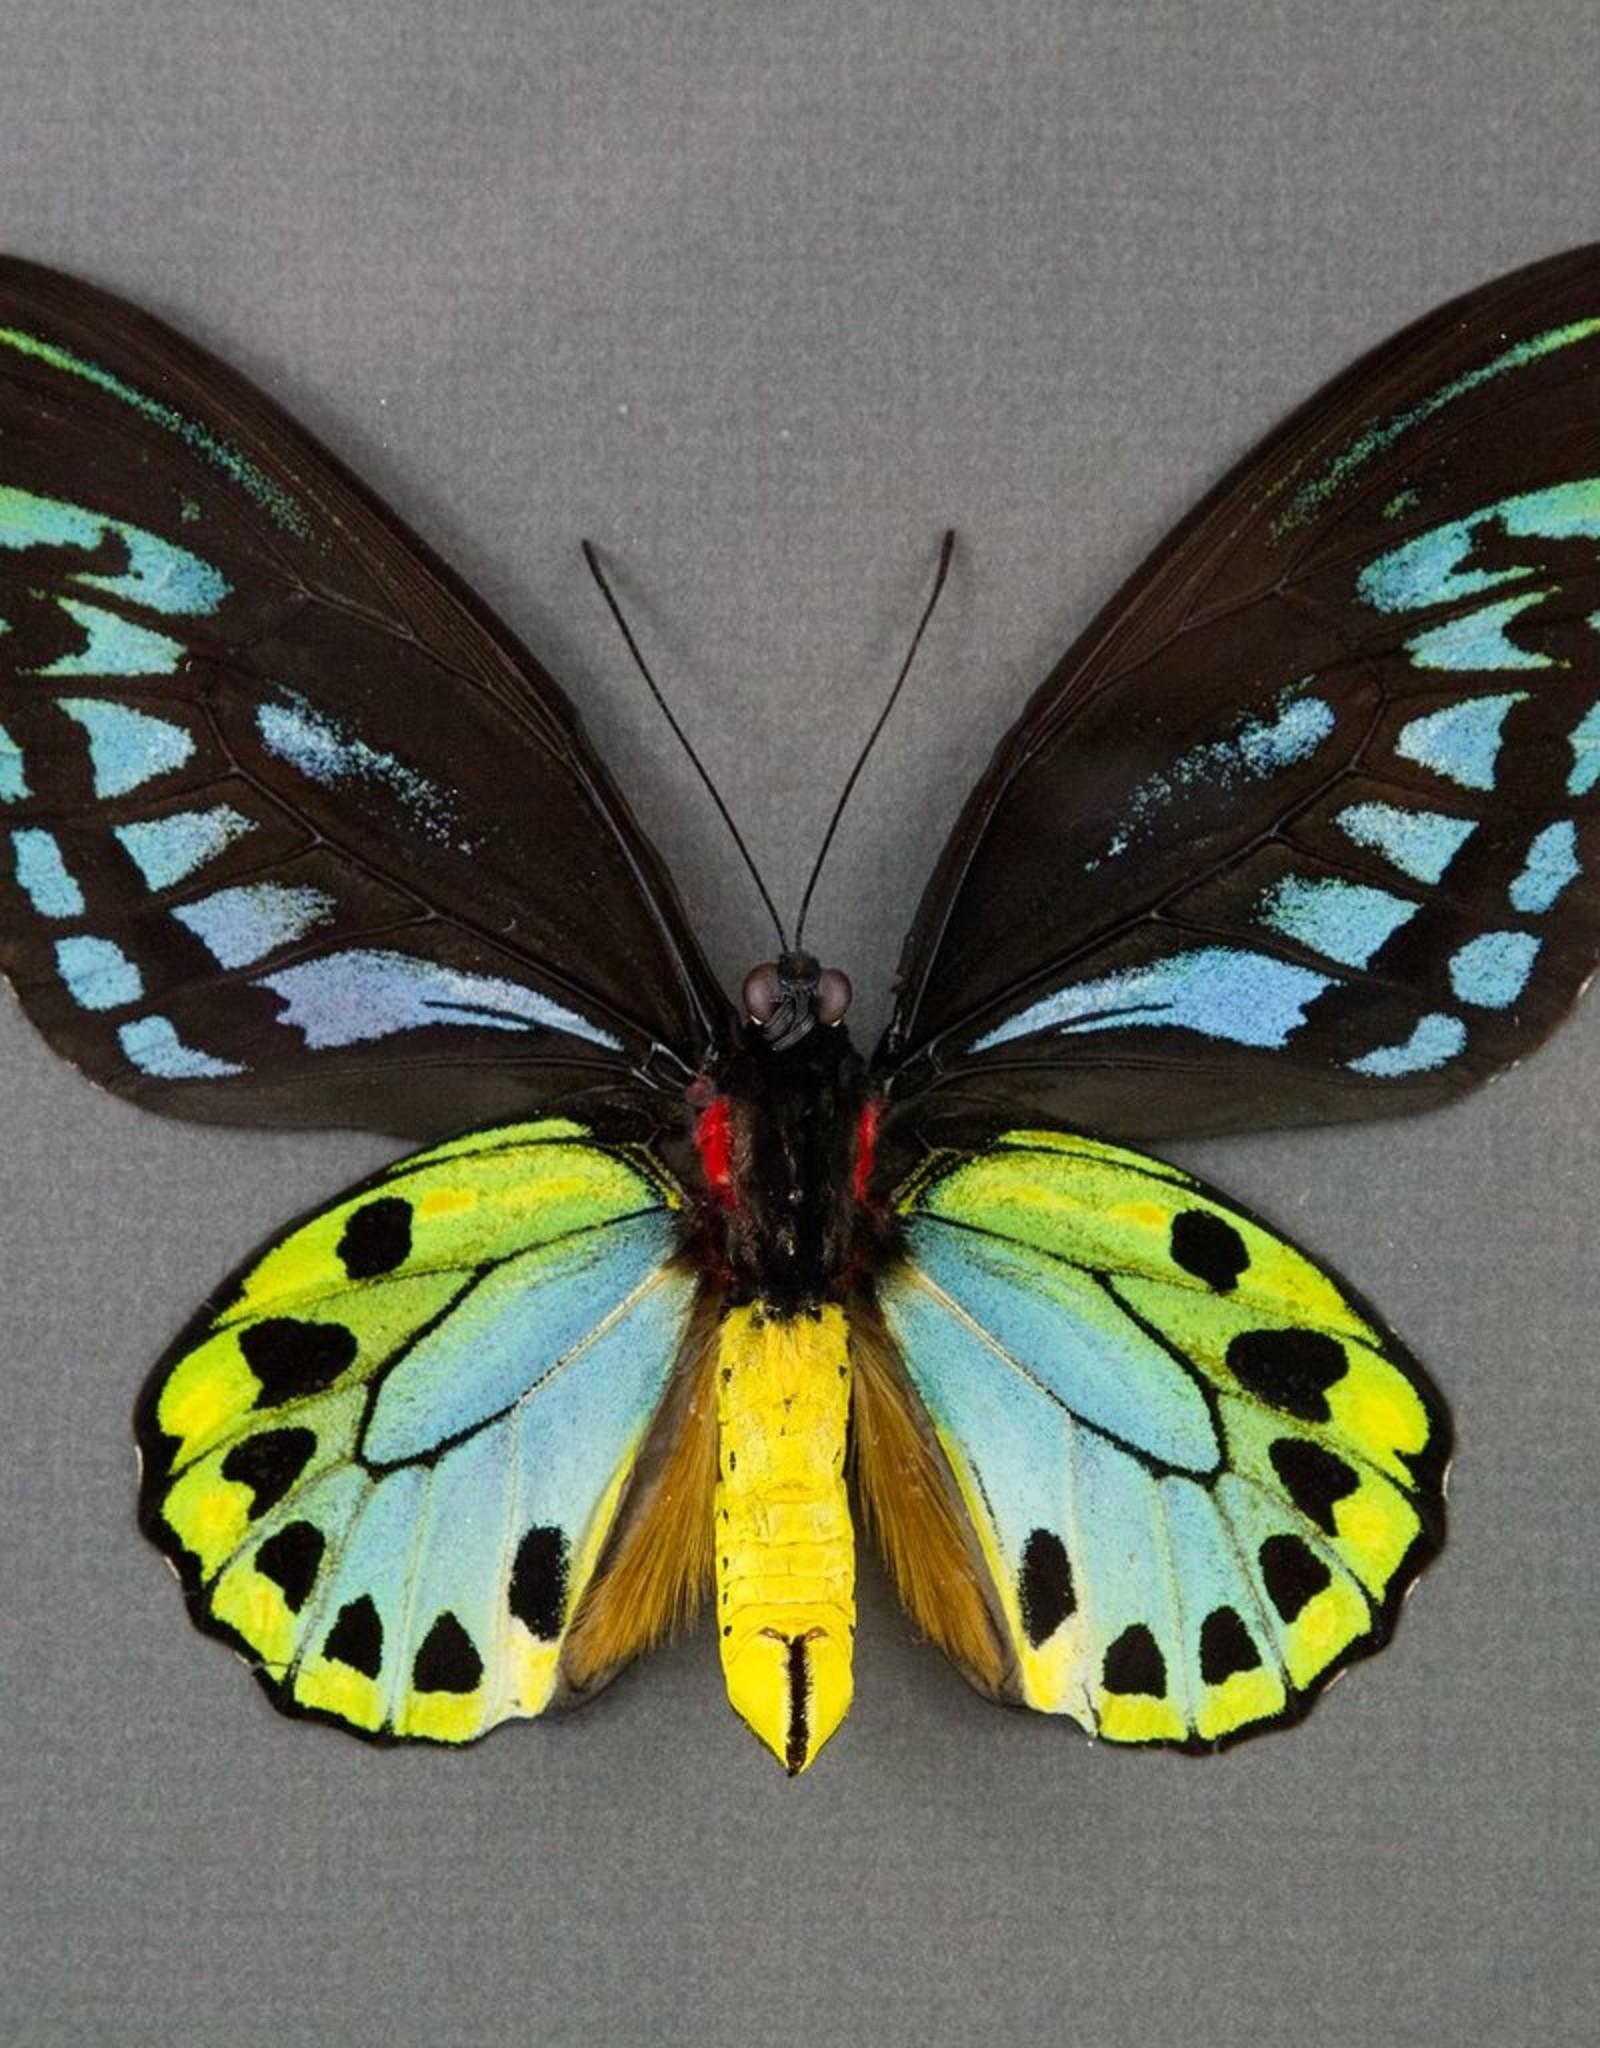 Ornithoptera priamus urvillianus f. flavomaculata M A1 Indonesia